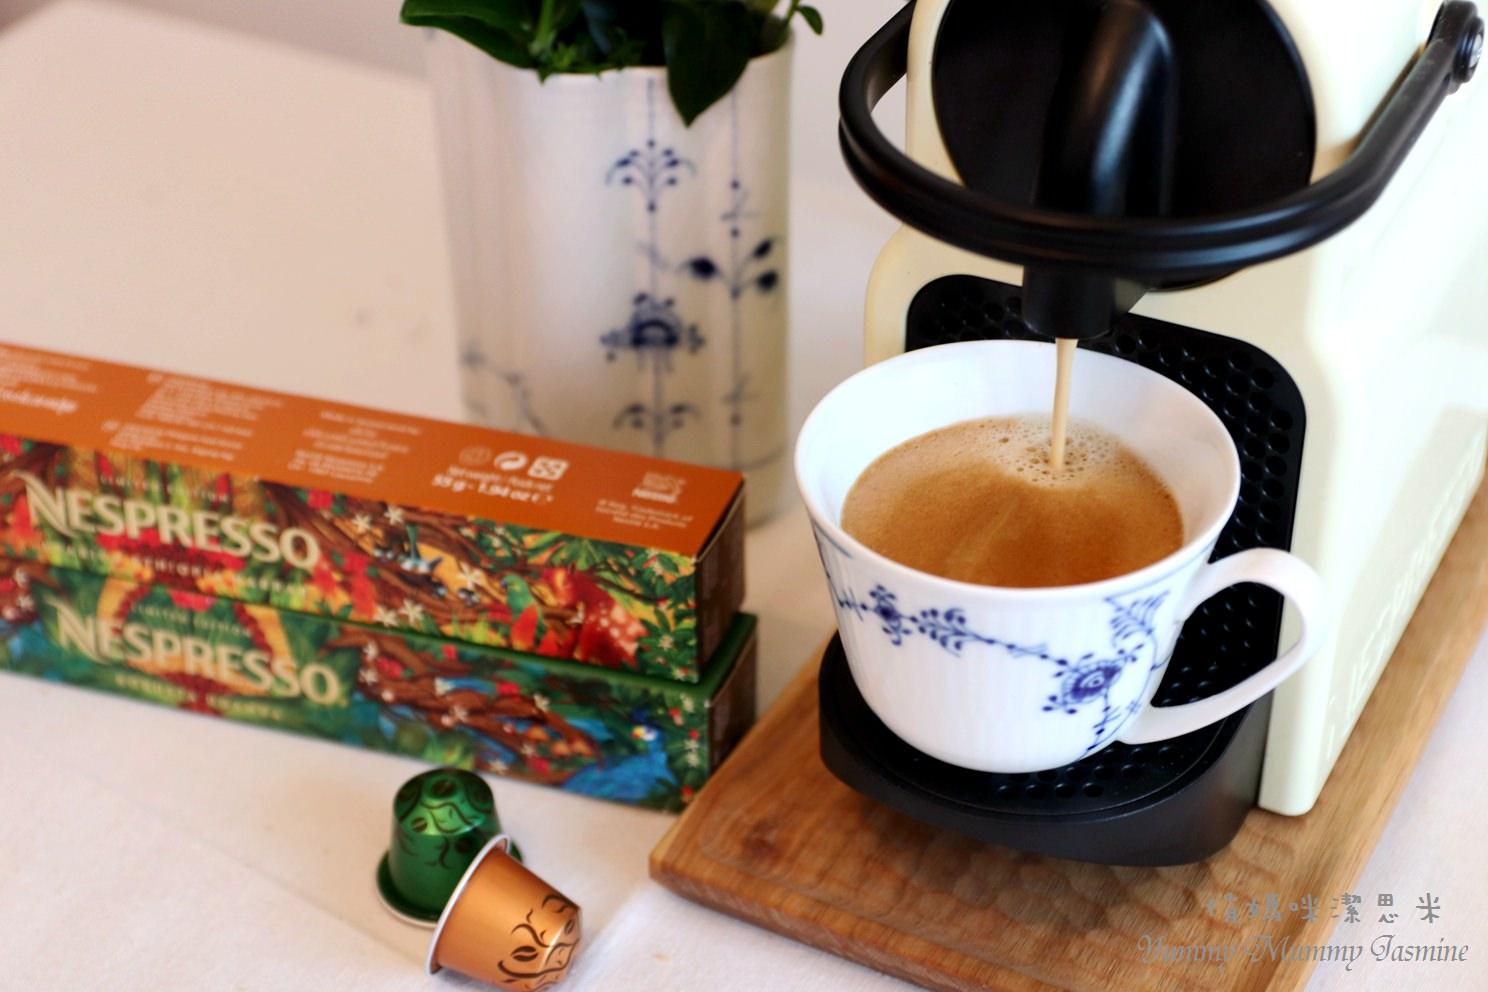 [49號咖啡館]Nespresso-咖啡尋根之旅❤不只是咖啡也喝一杯悸動與心動☕絕品限量濃醇咖啡膠囊!